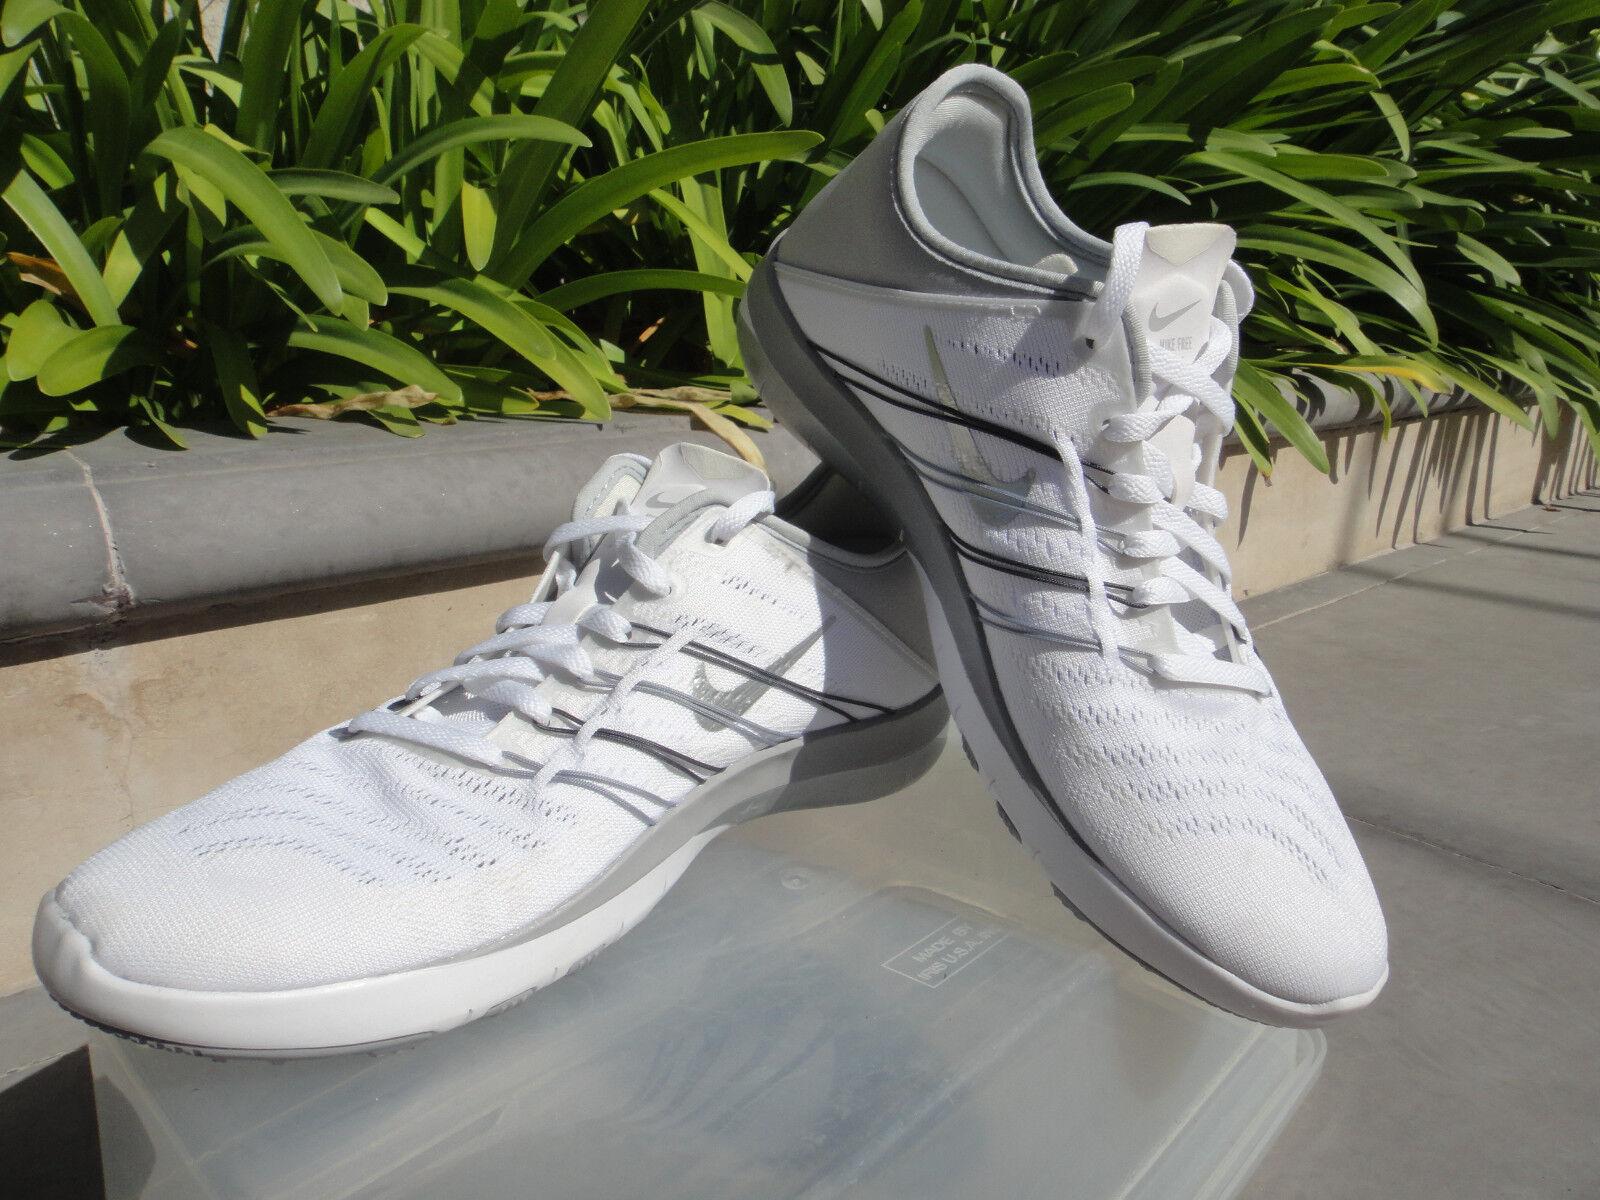 Niko Free TR Training scarpe scarpe  da ginnastica Bianco - argentoo, Dimensione femminile 7M  risparmia il 60% di sconto e la spedizione veloce in tutto il mondo